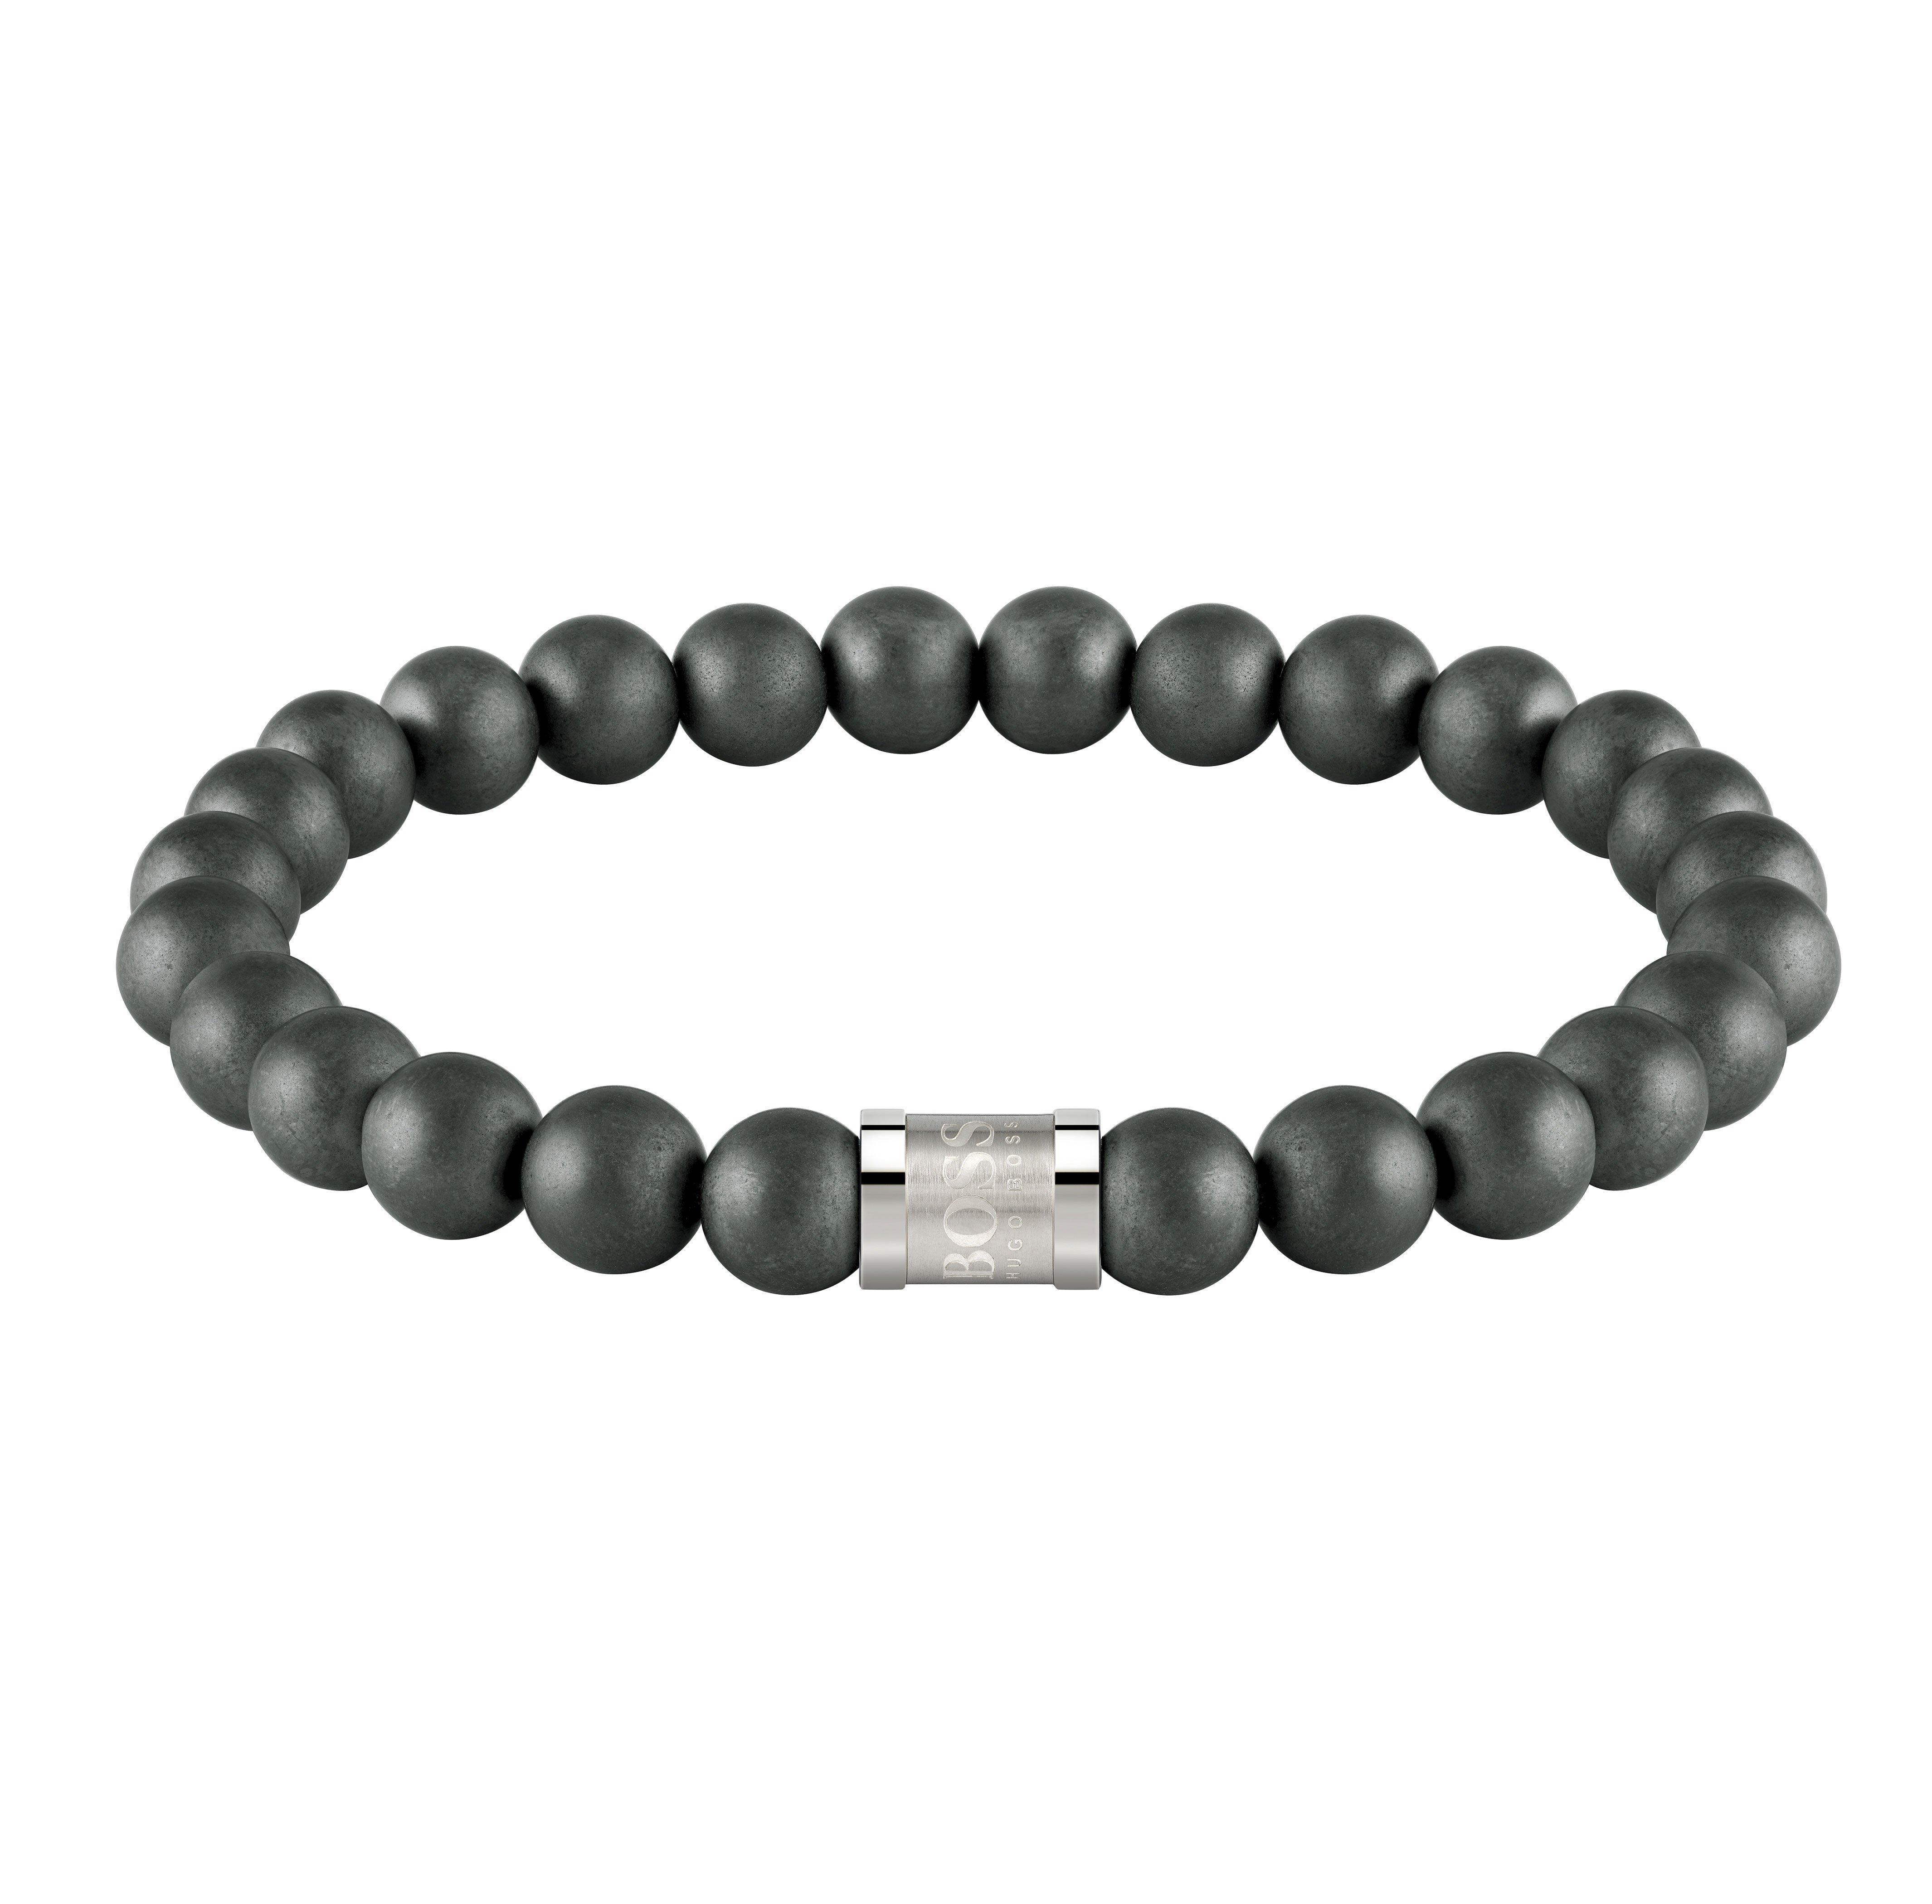 BOSS Beads Men's Bracelet